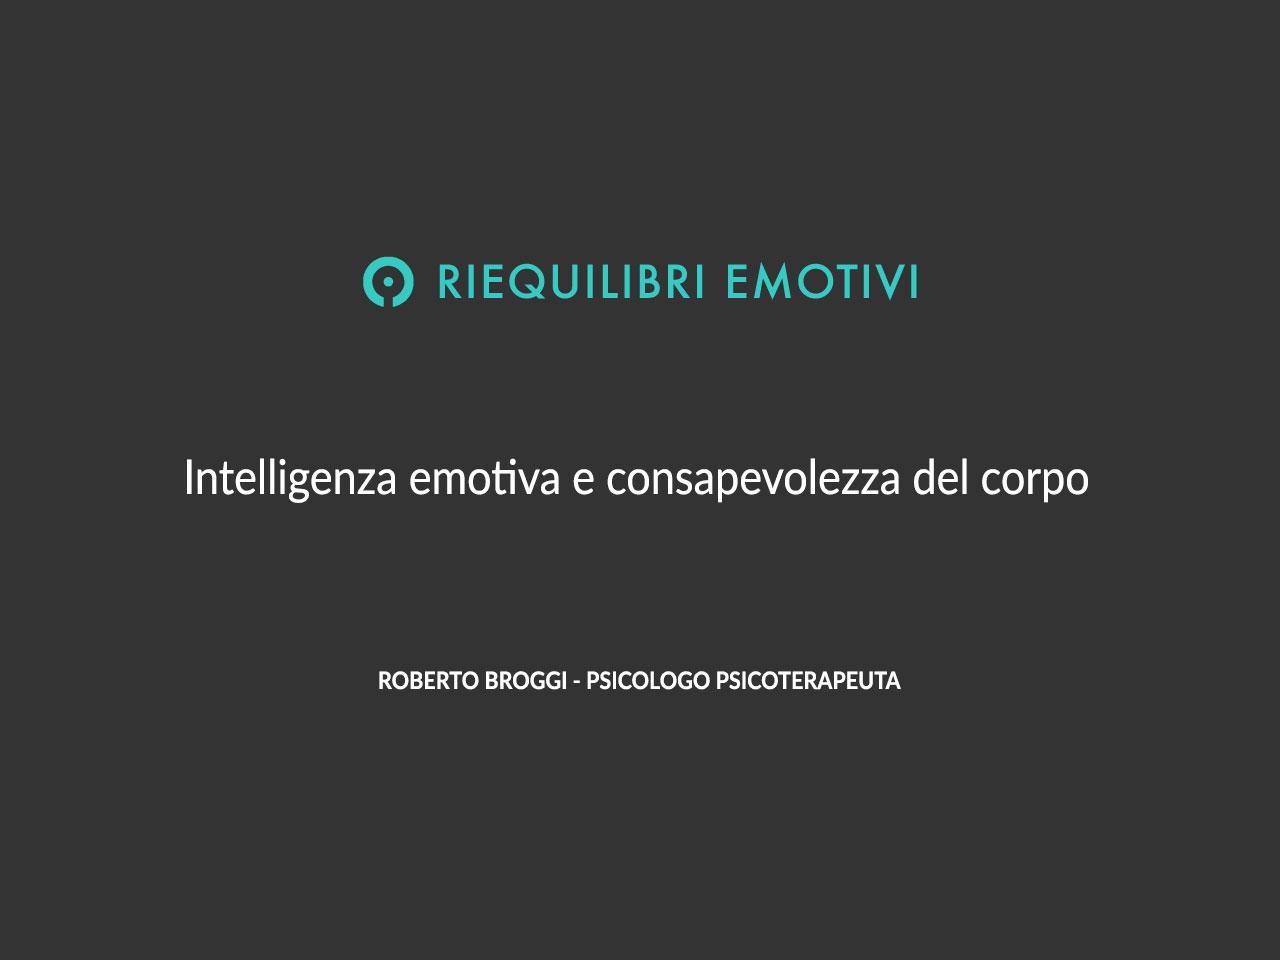 Intelligenza-emotiva-e-consapevolezza-del-corpo